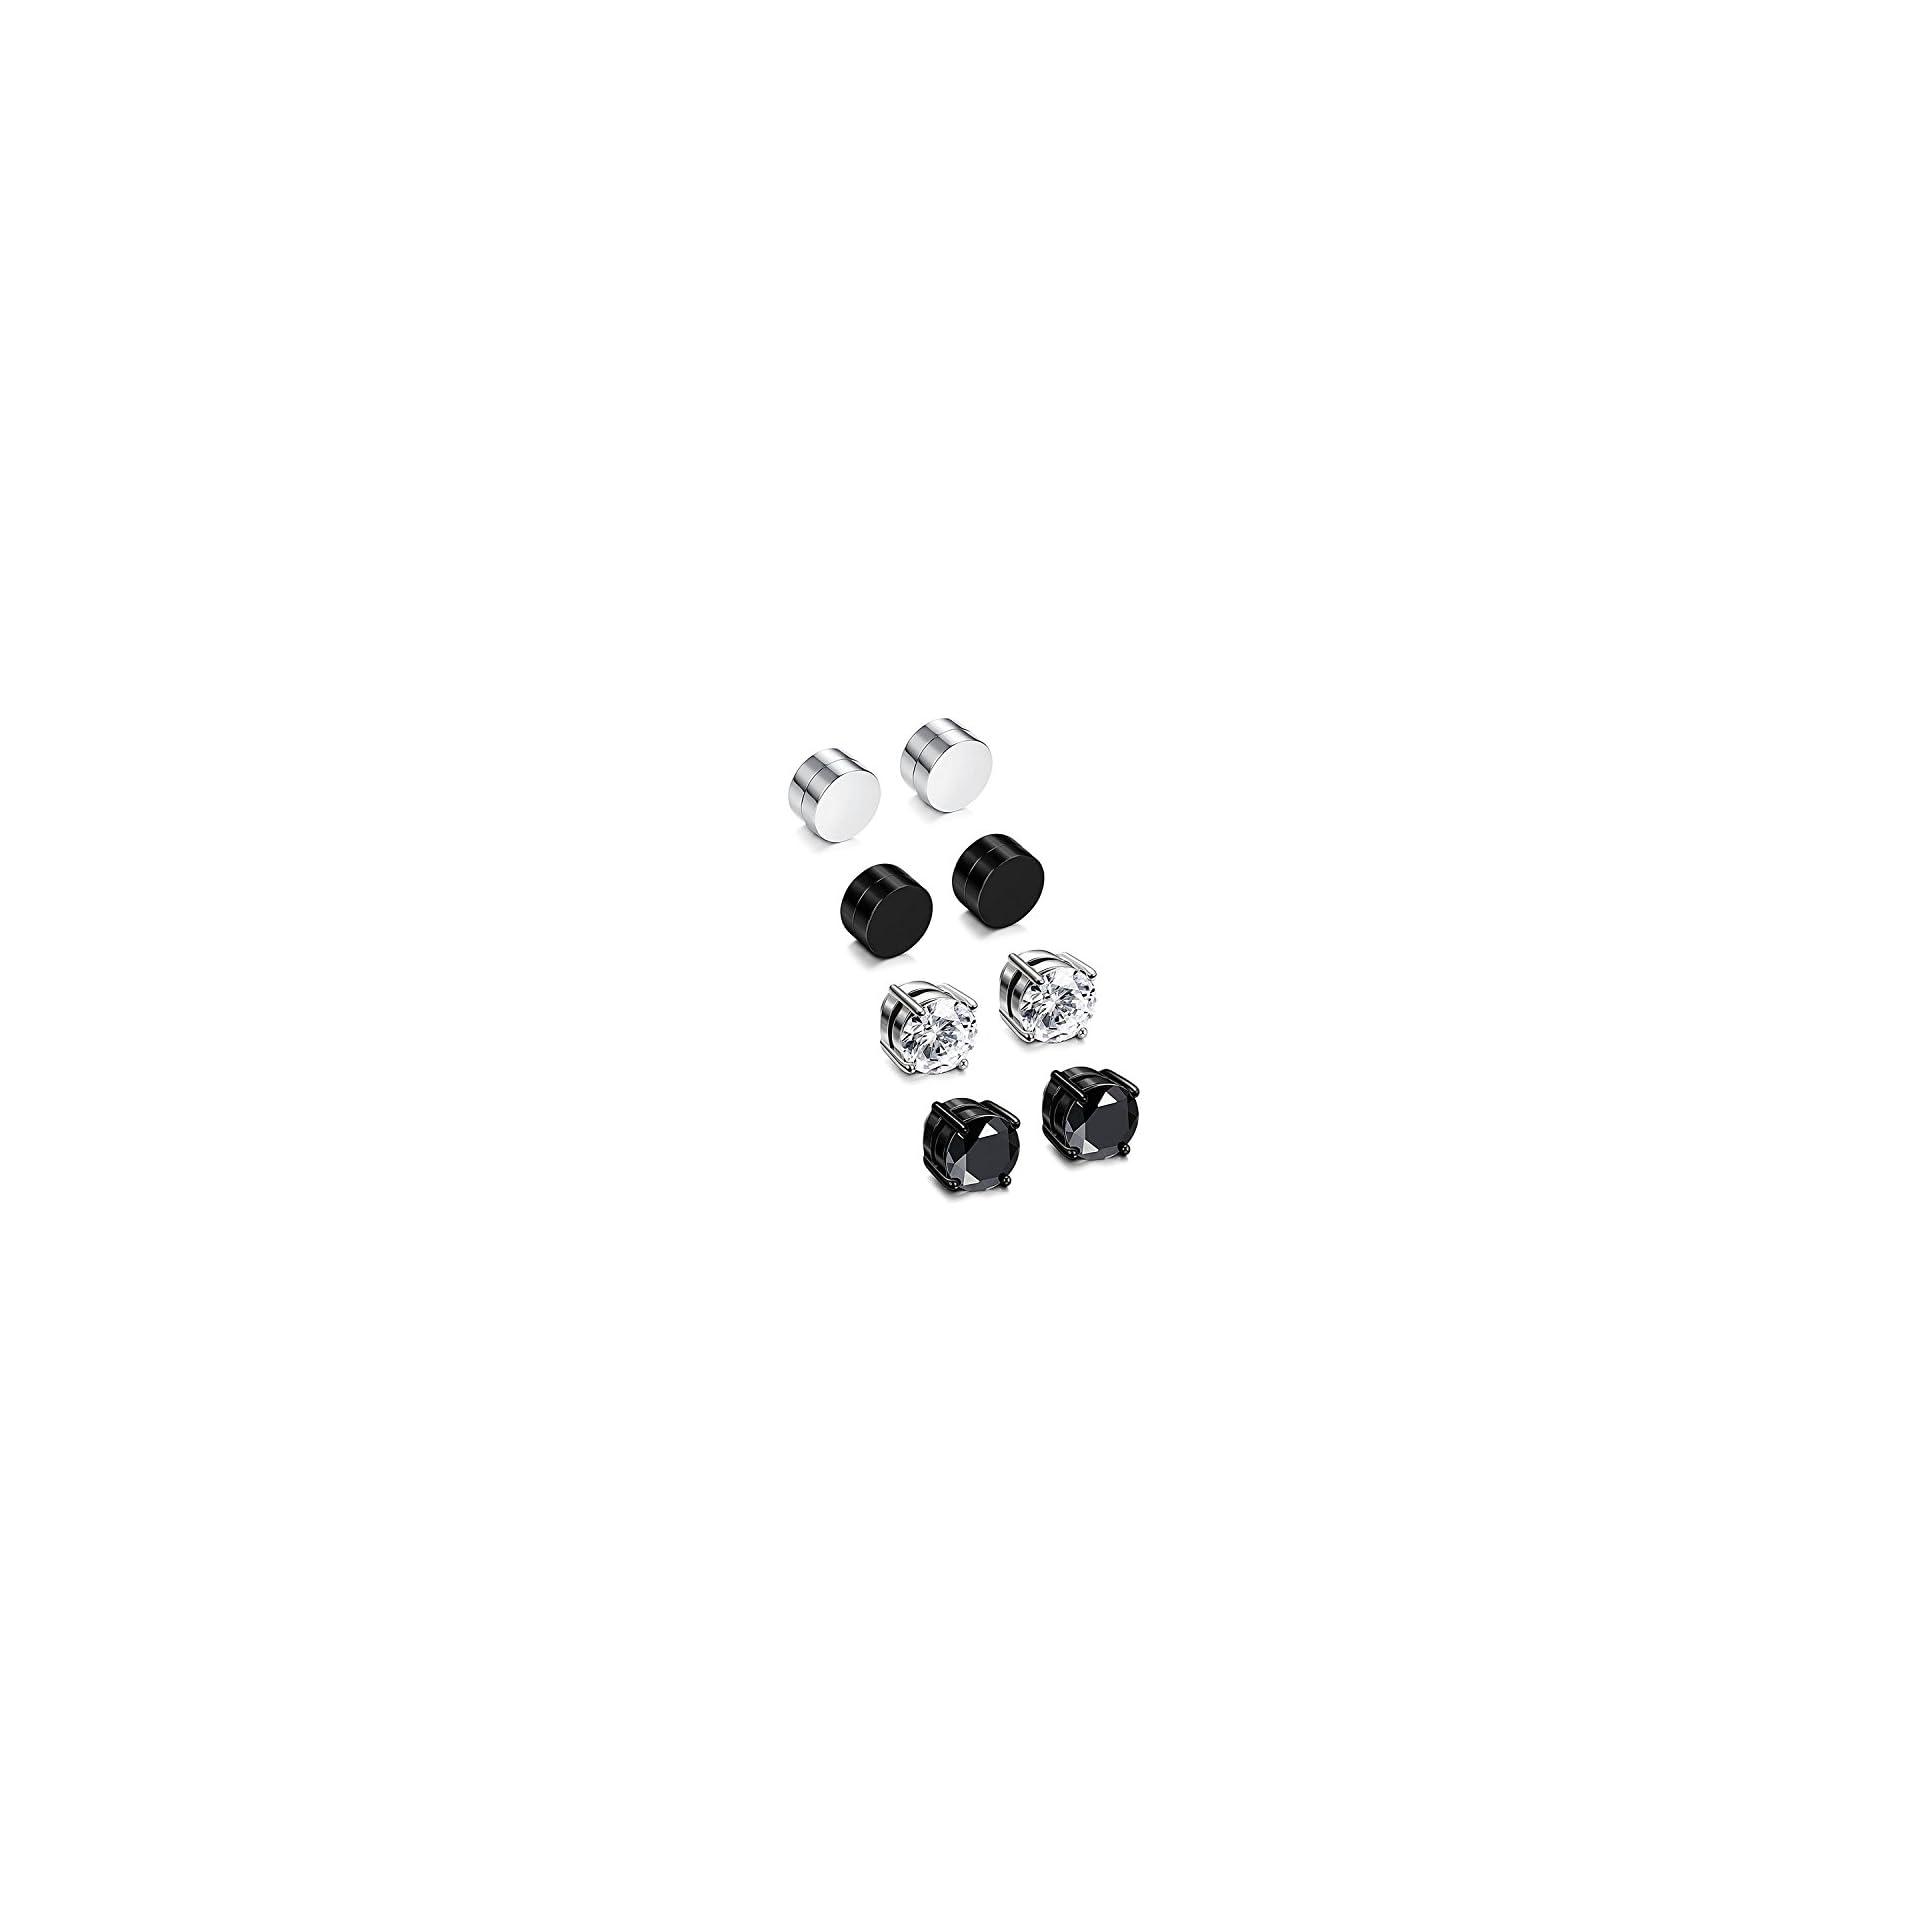 Sailimue 4 Paires Acier Inoxydable Boucles d/'Oreilles Magn/étique pour Homme Femme Ronde Boucle d/'Oreille Clip Non-Piercing CZ 6-8MM